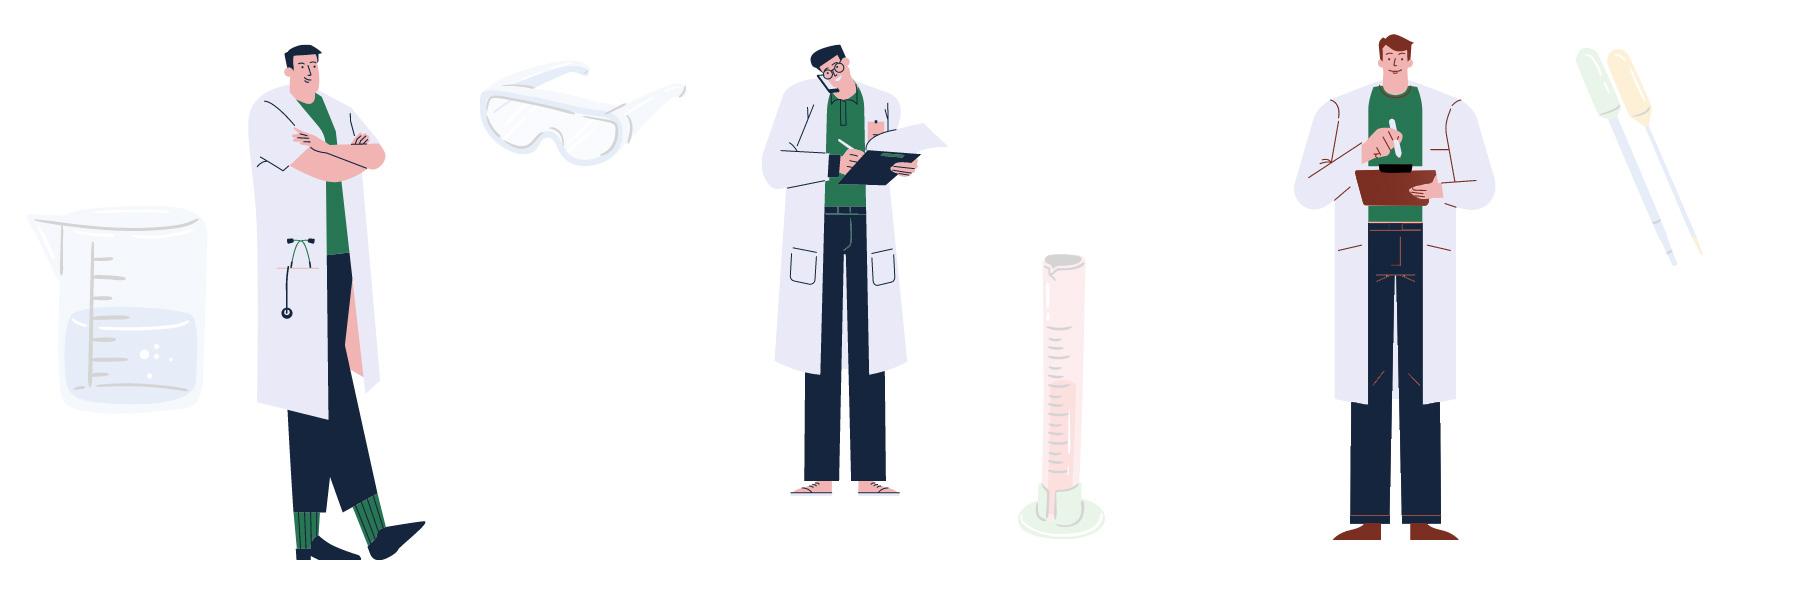 laboratorio-analisi-mediche-san-giorgio-pavia-san-genesio-uniti-milano-7